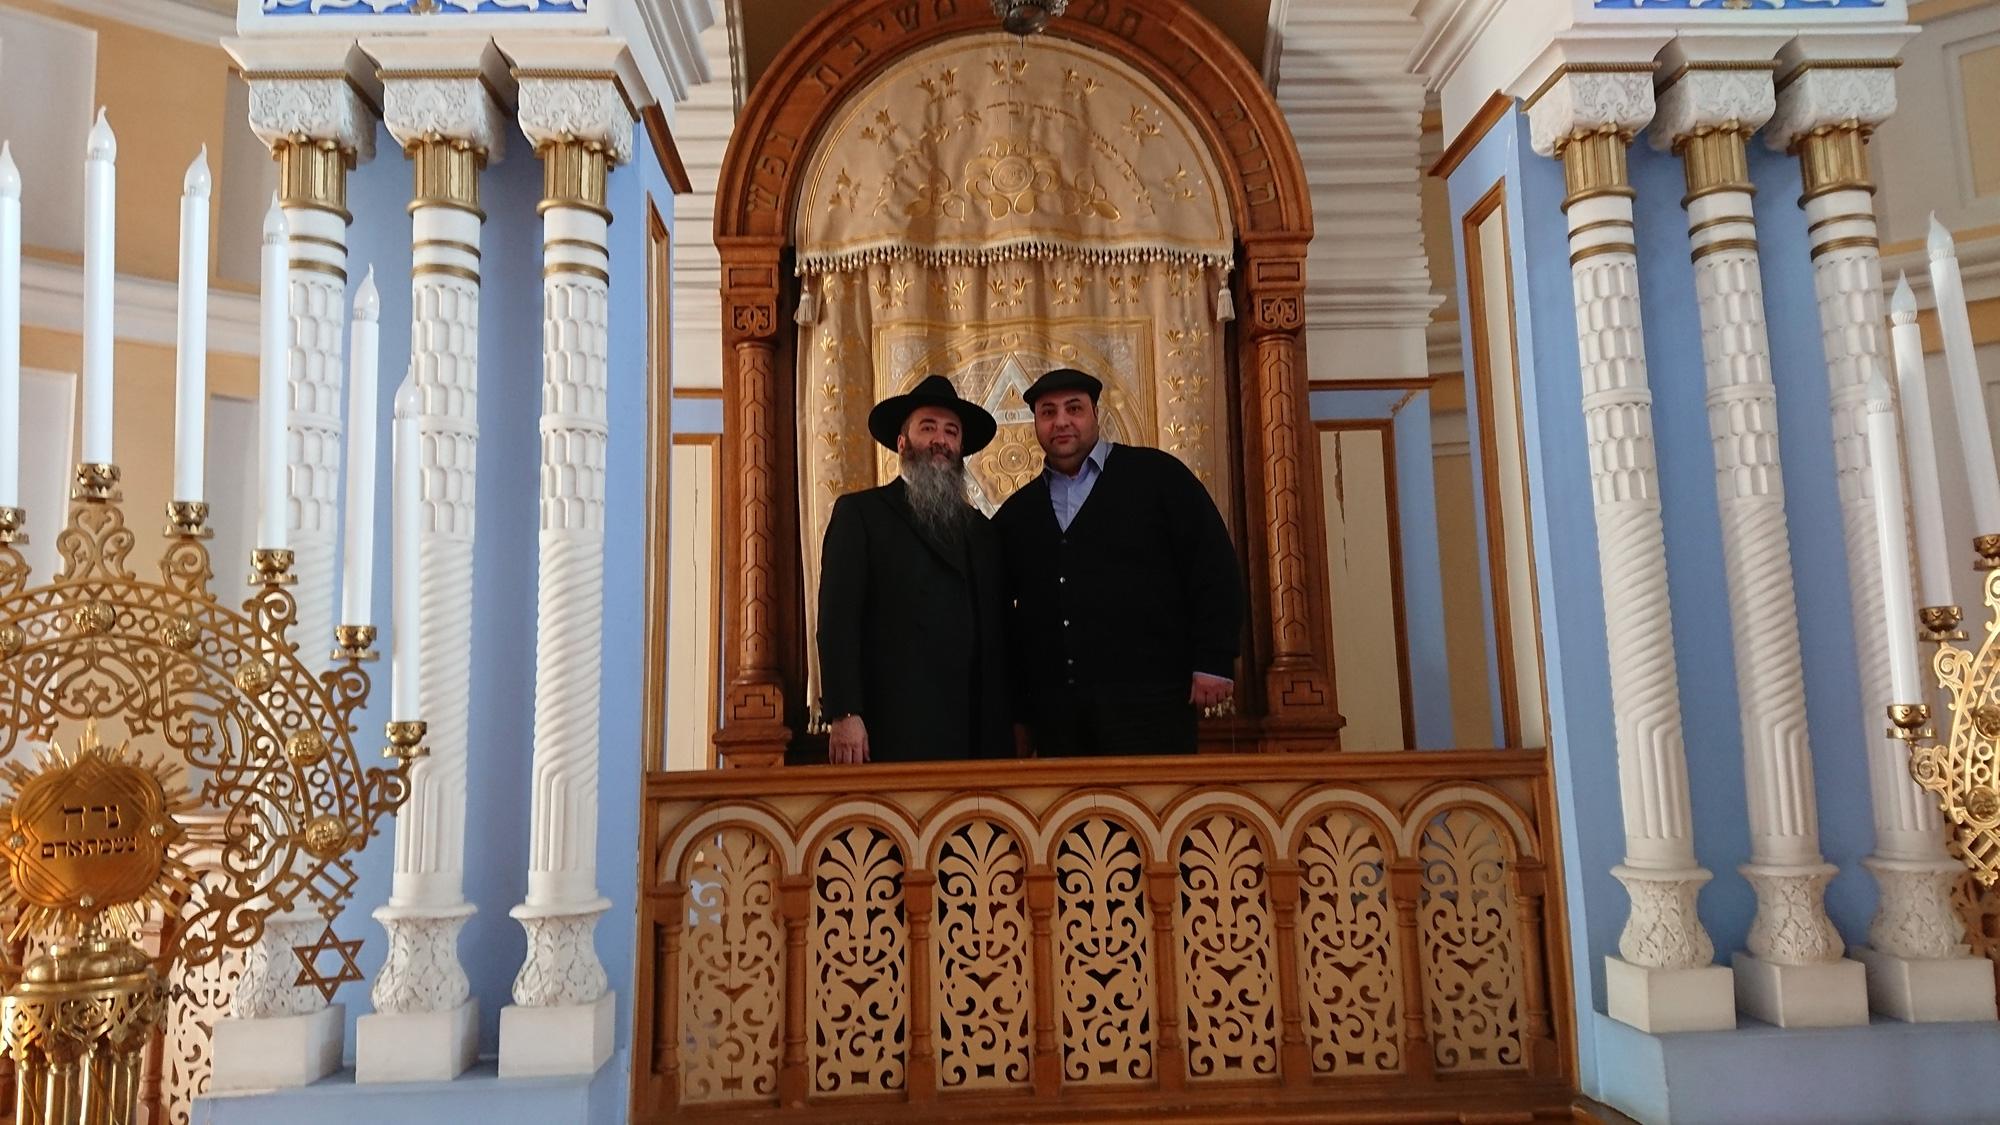 Р. Гилель Хаимов и Исраэль Плиштиев в петербургской Синагоге